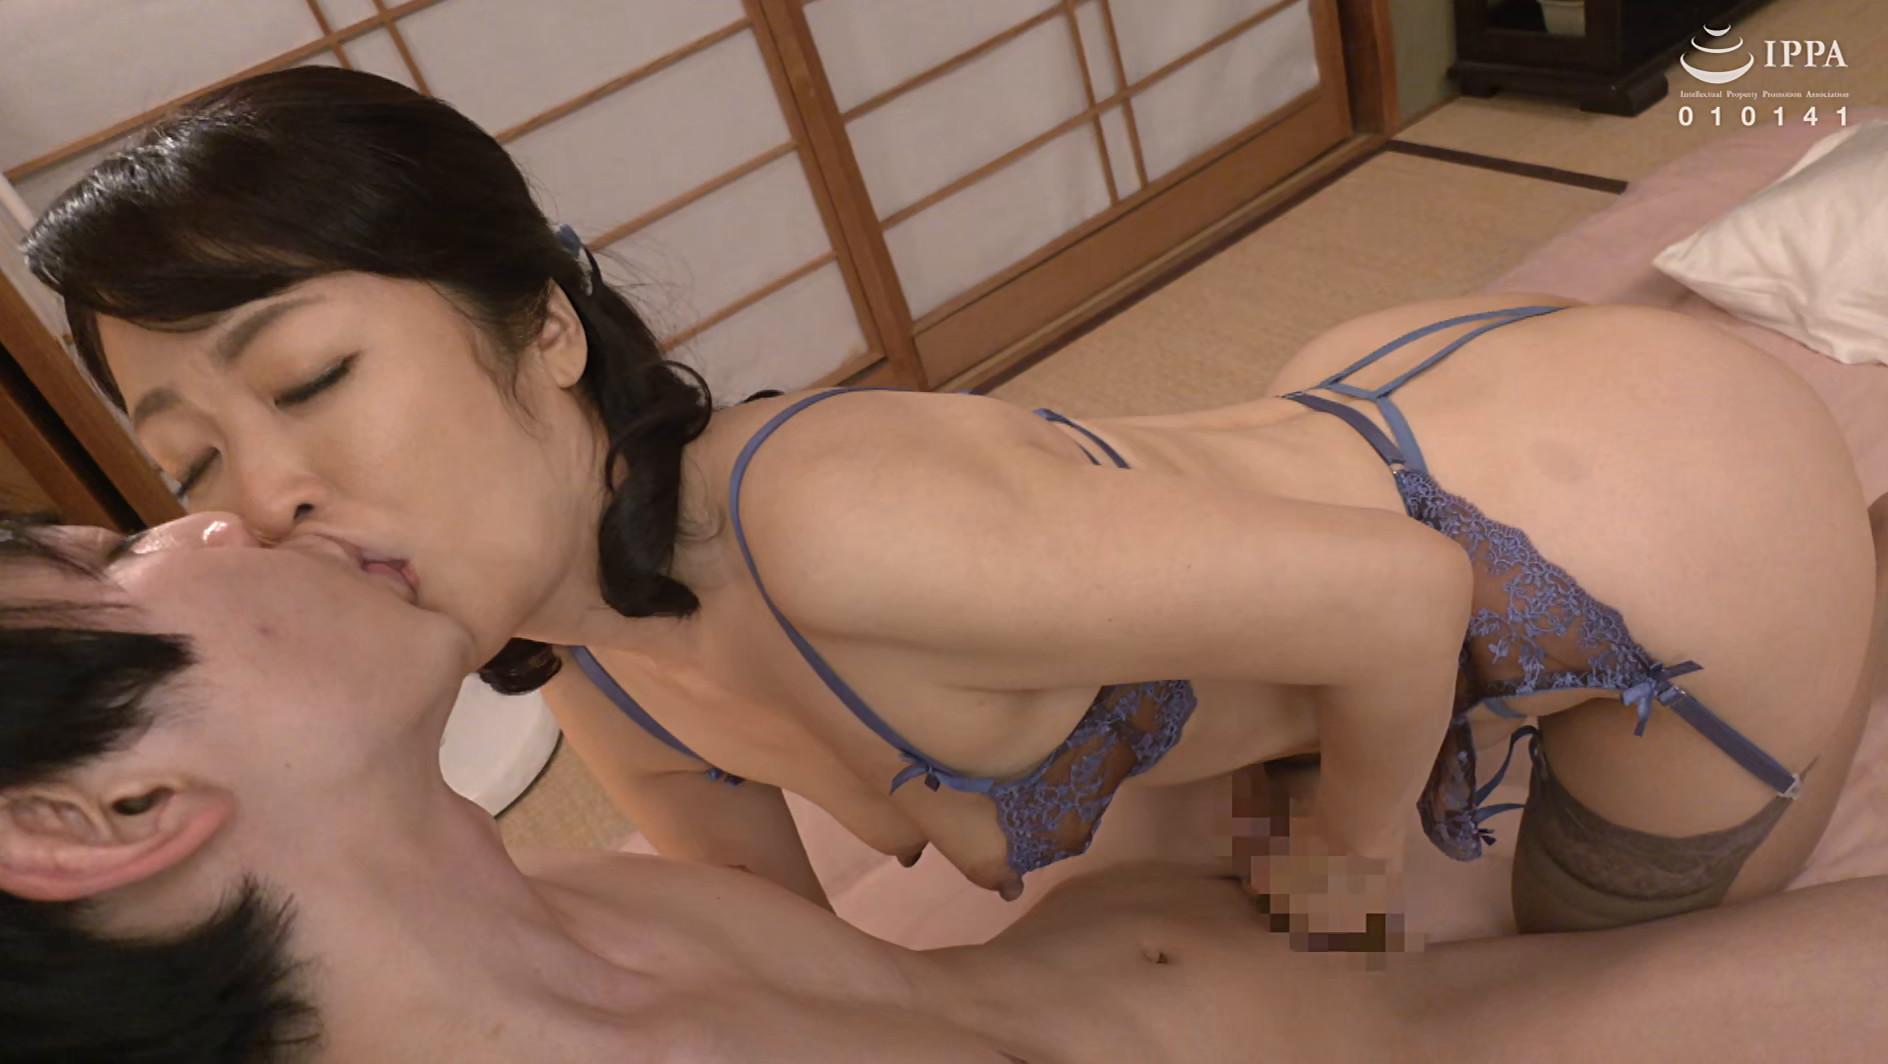 彼女の母親がエロ下着と中出しで彼氏を誘惑しはじめた 青山涼香 四十六歳 画像10